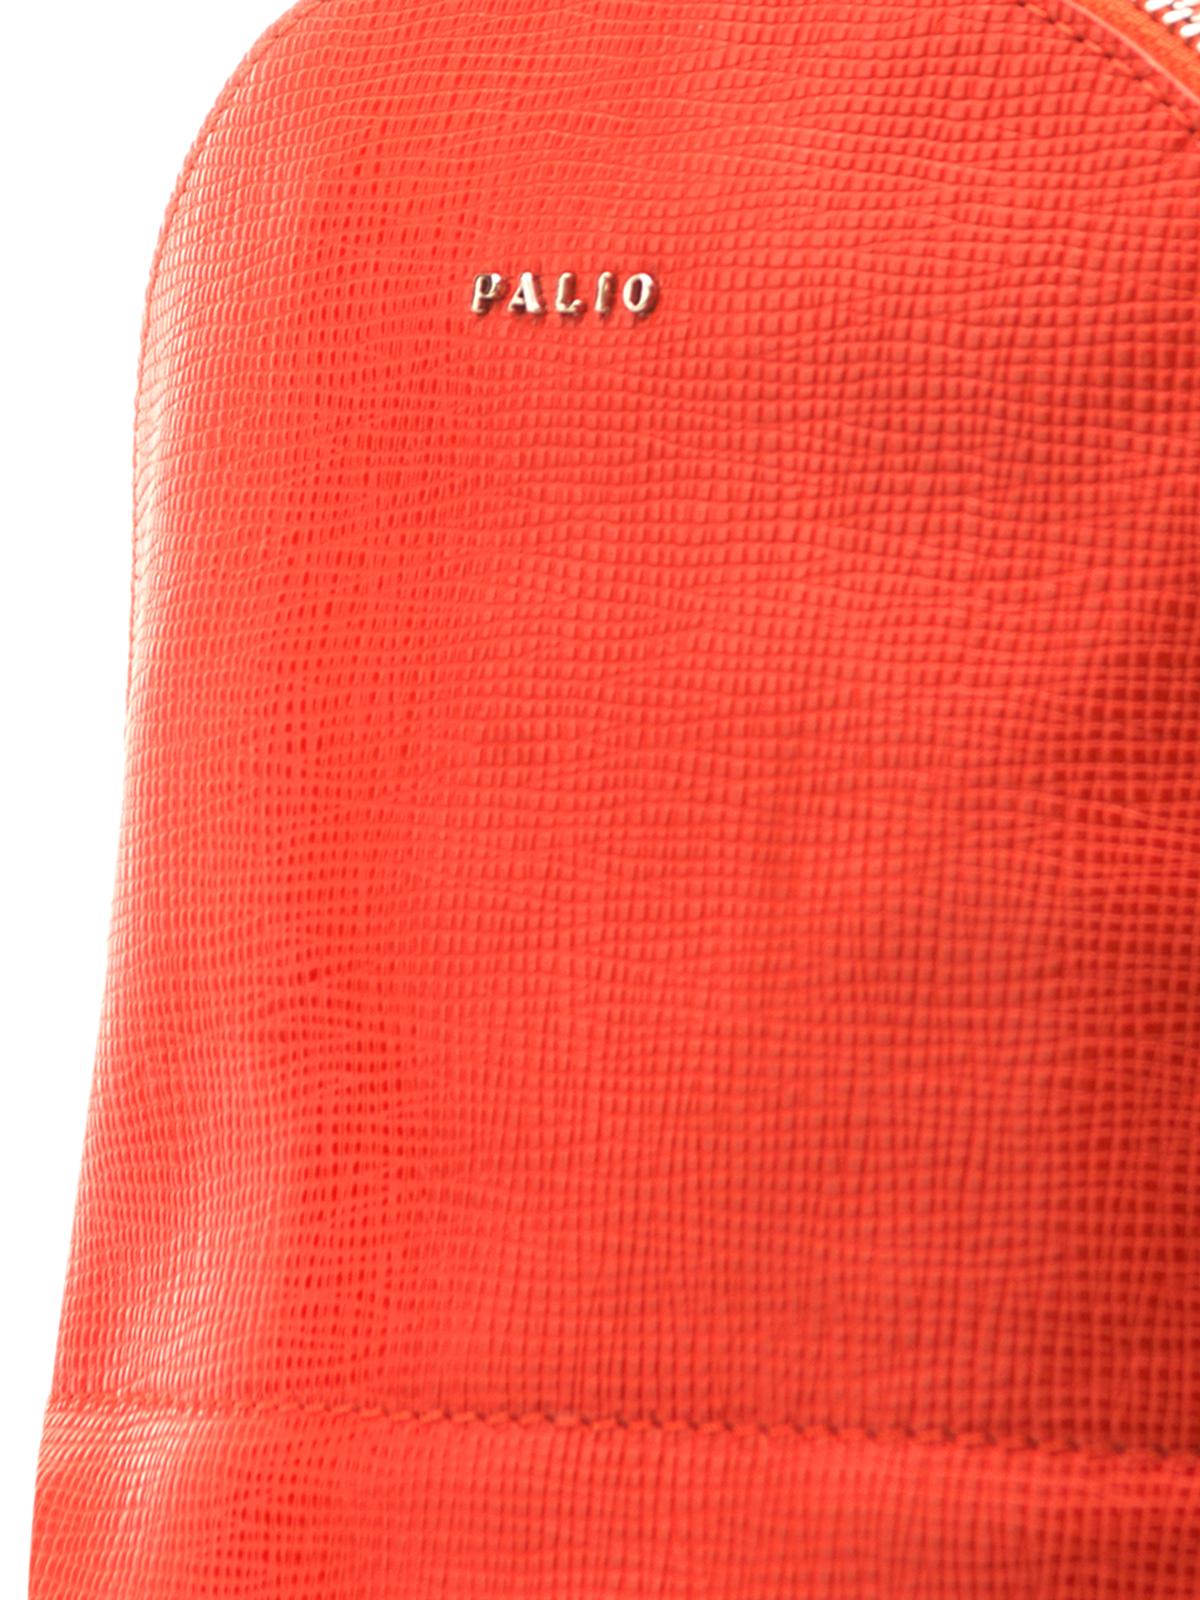 Сумка Palio 15817AR-343